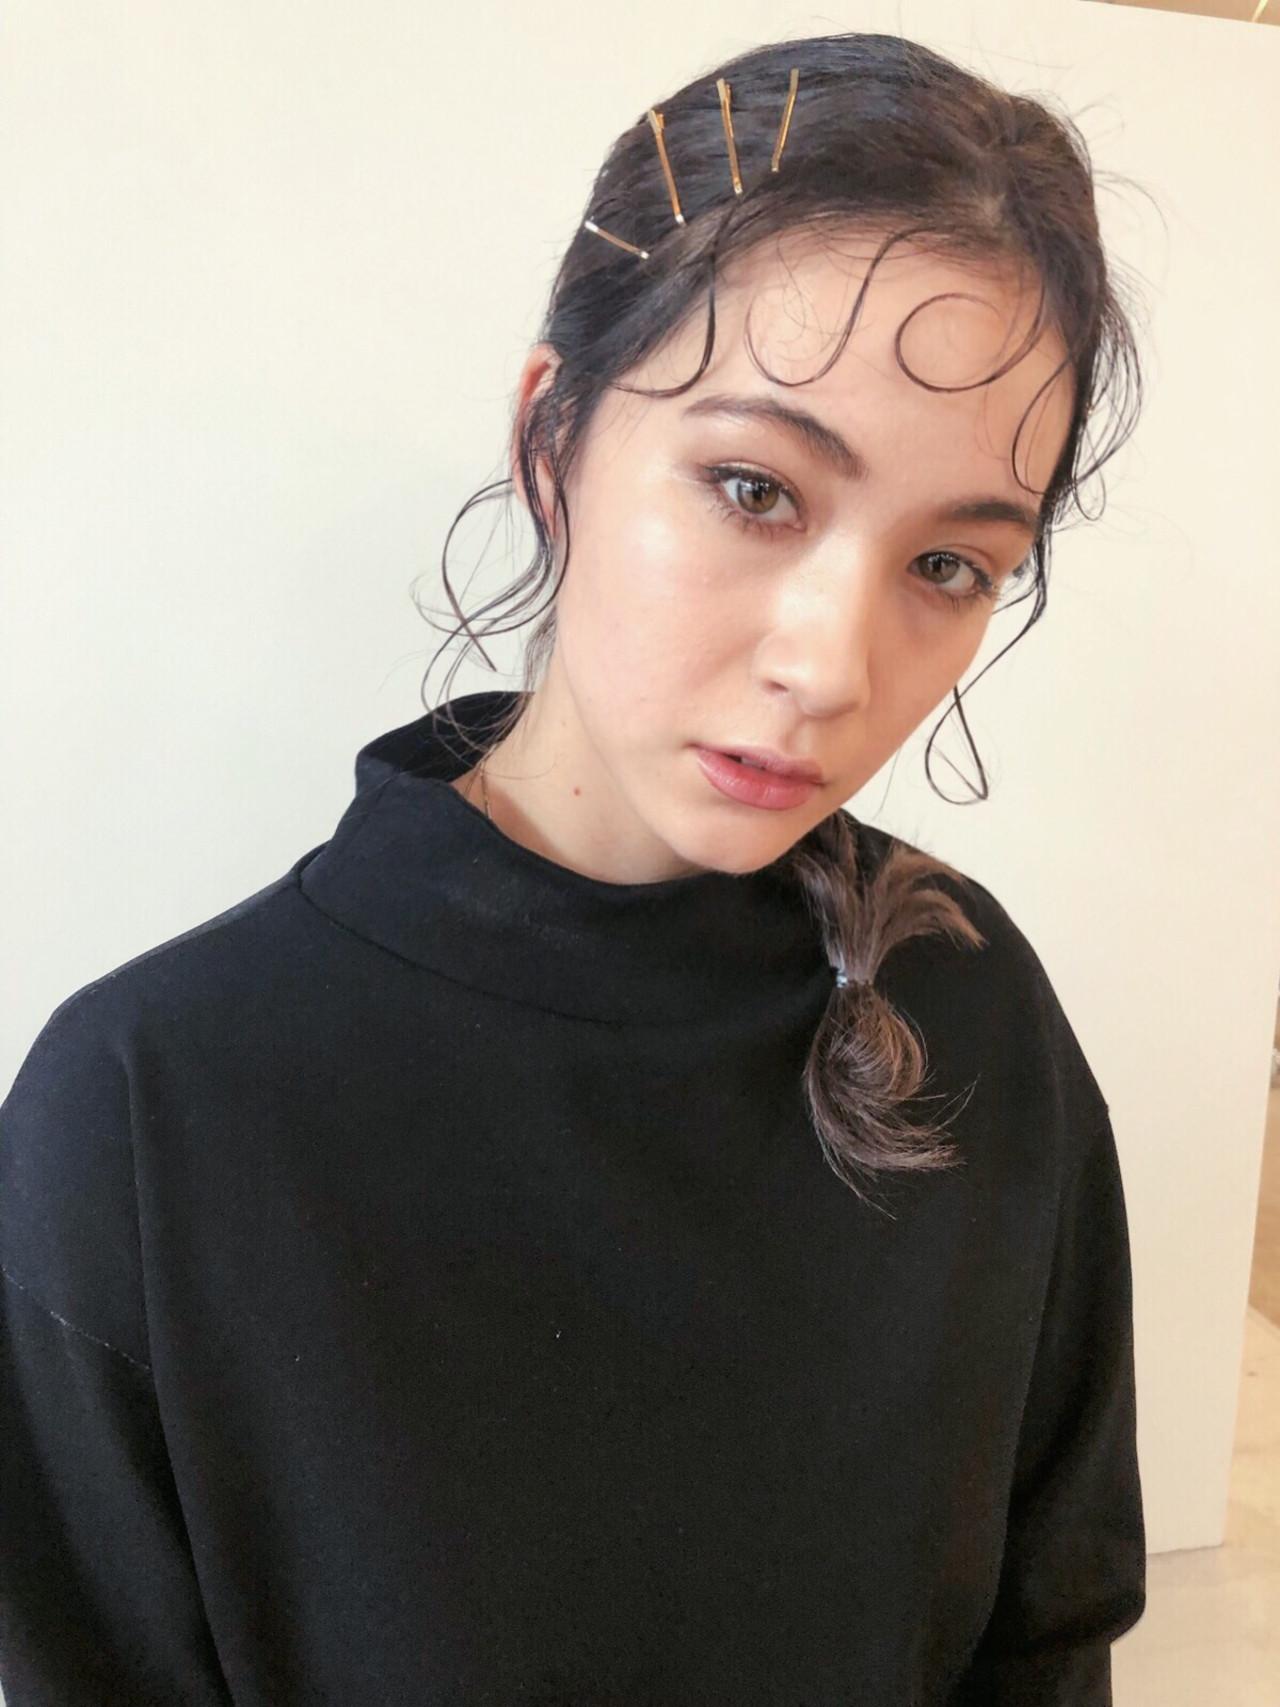 アンニュイほつれヘア ガーリー 簡単ヘアアレンジ ベージュ ヘアスタイルや髪型の写真・画像